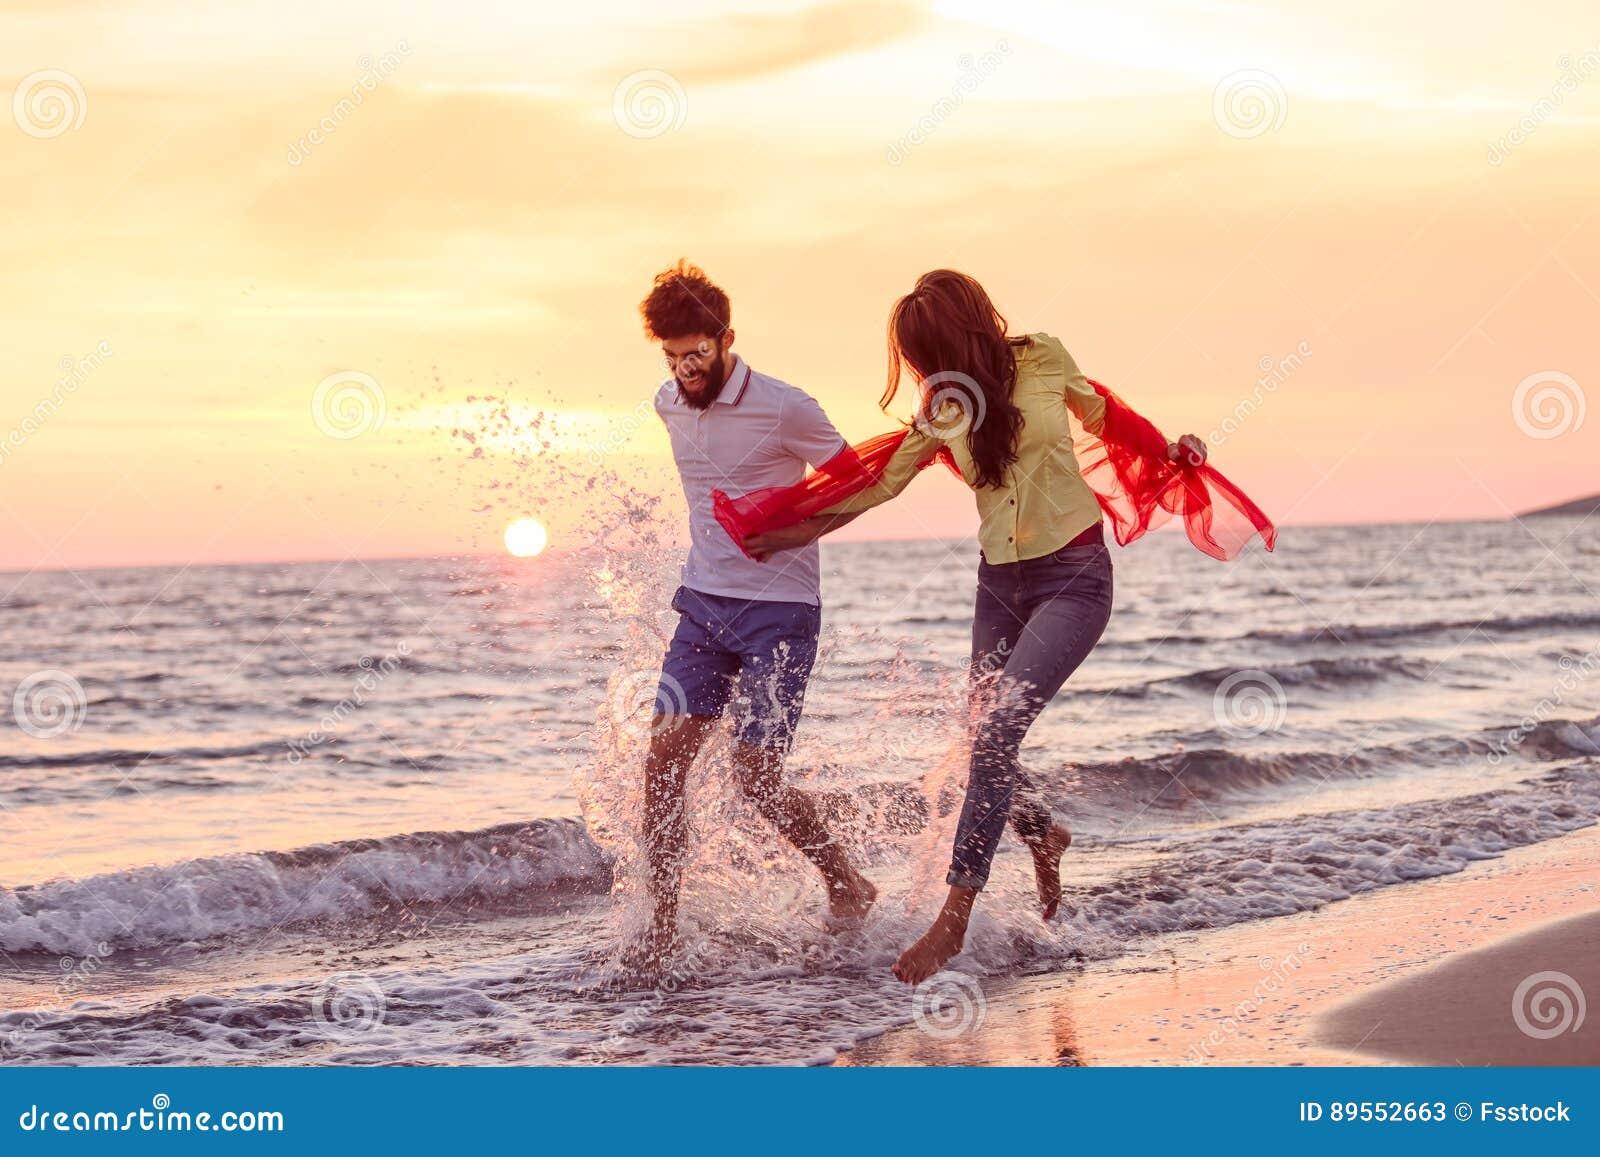 Glückliche junge romantische Paare in der Liebe haben Spaß auf schönem Strand am schönen Sommertag